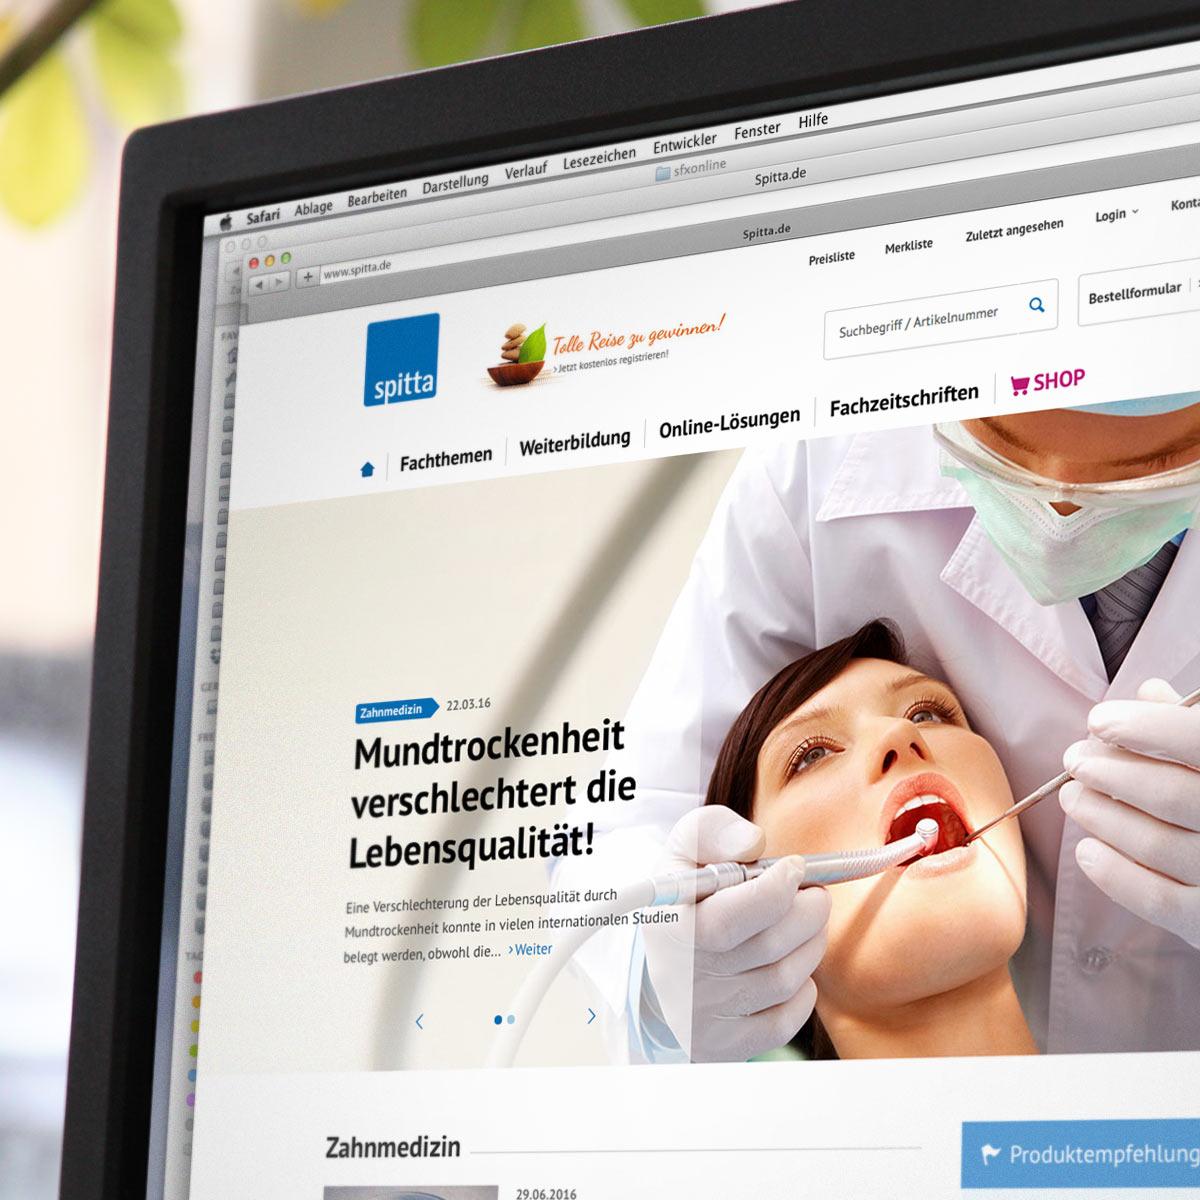 WebDesign Referenz spitta.de